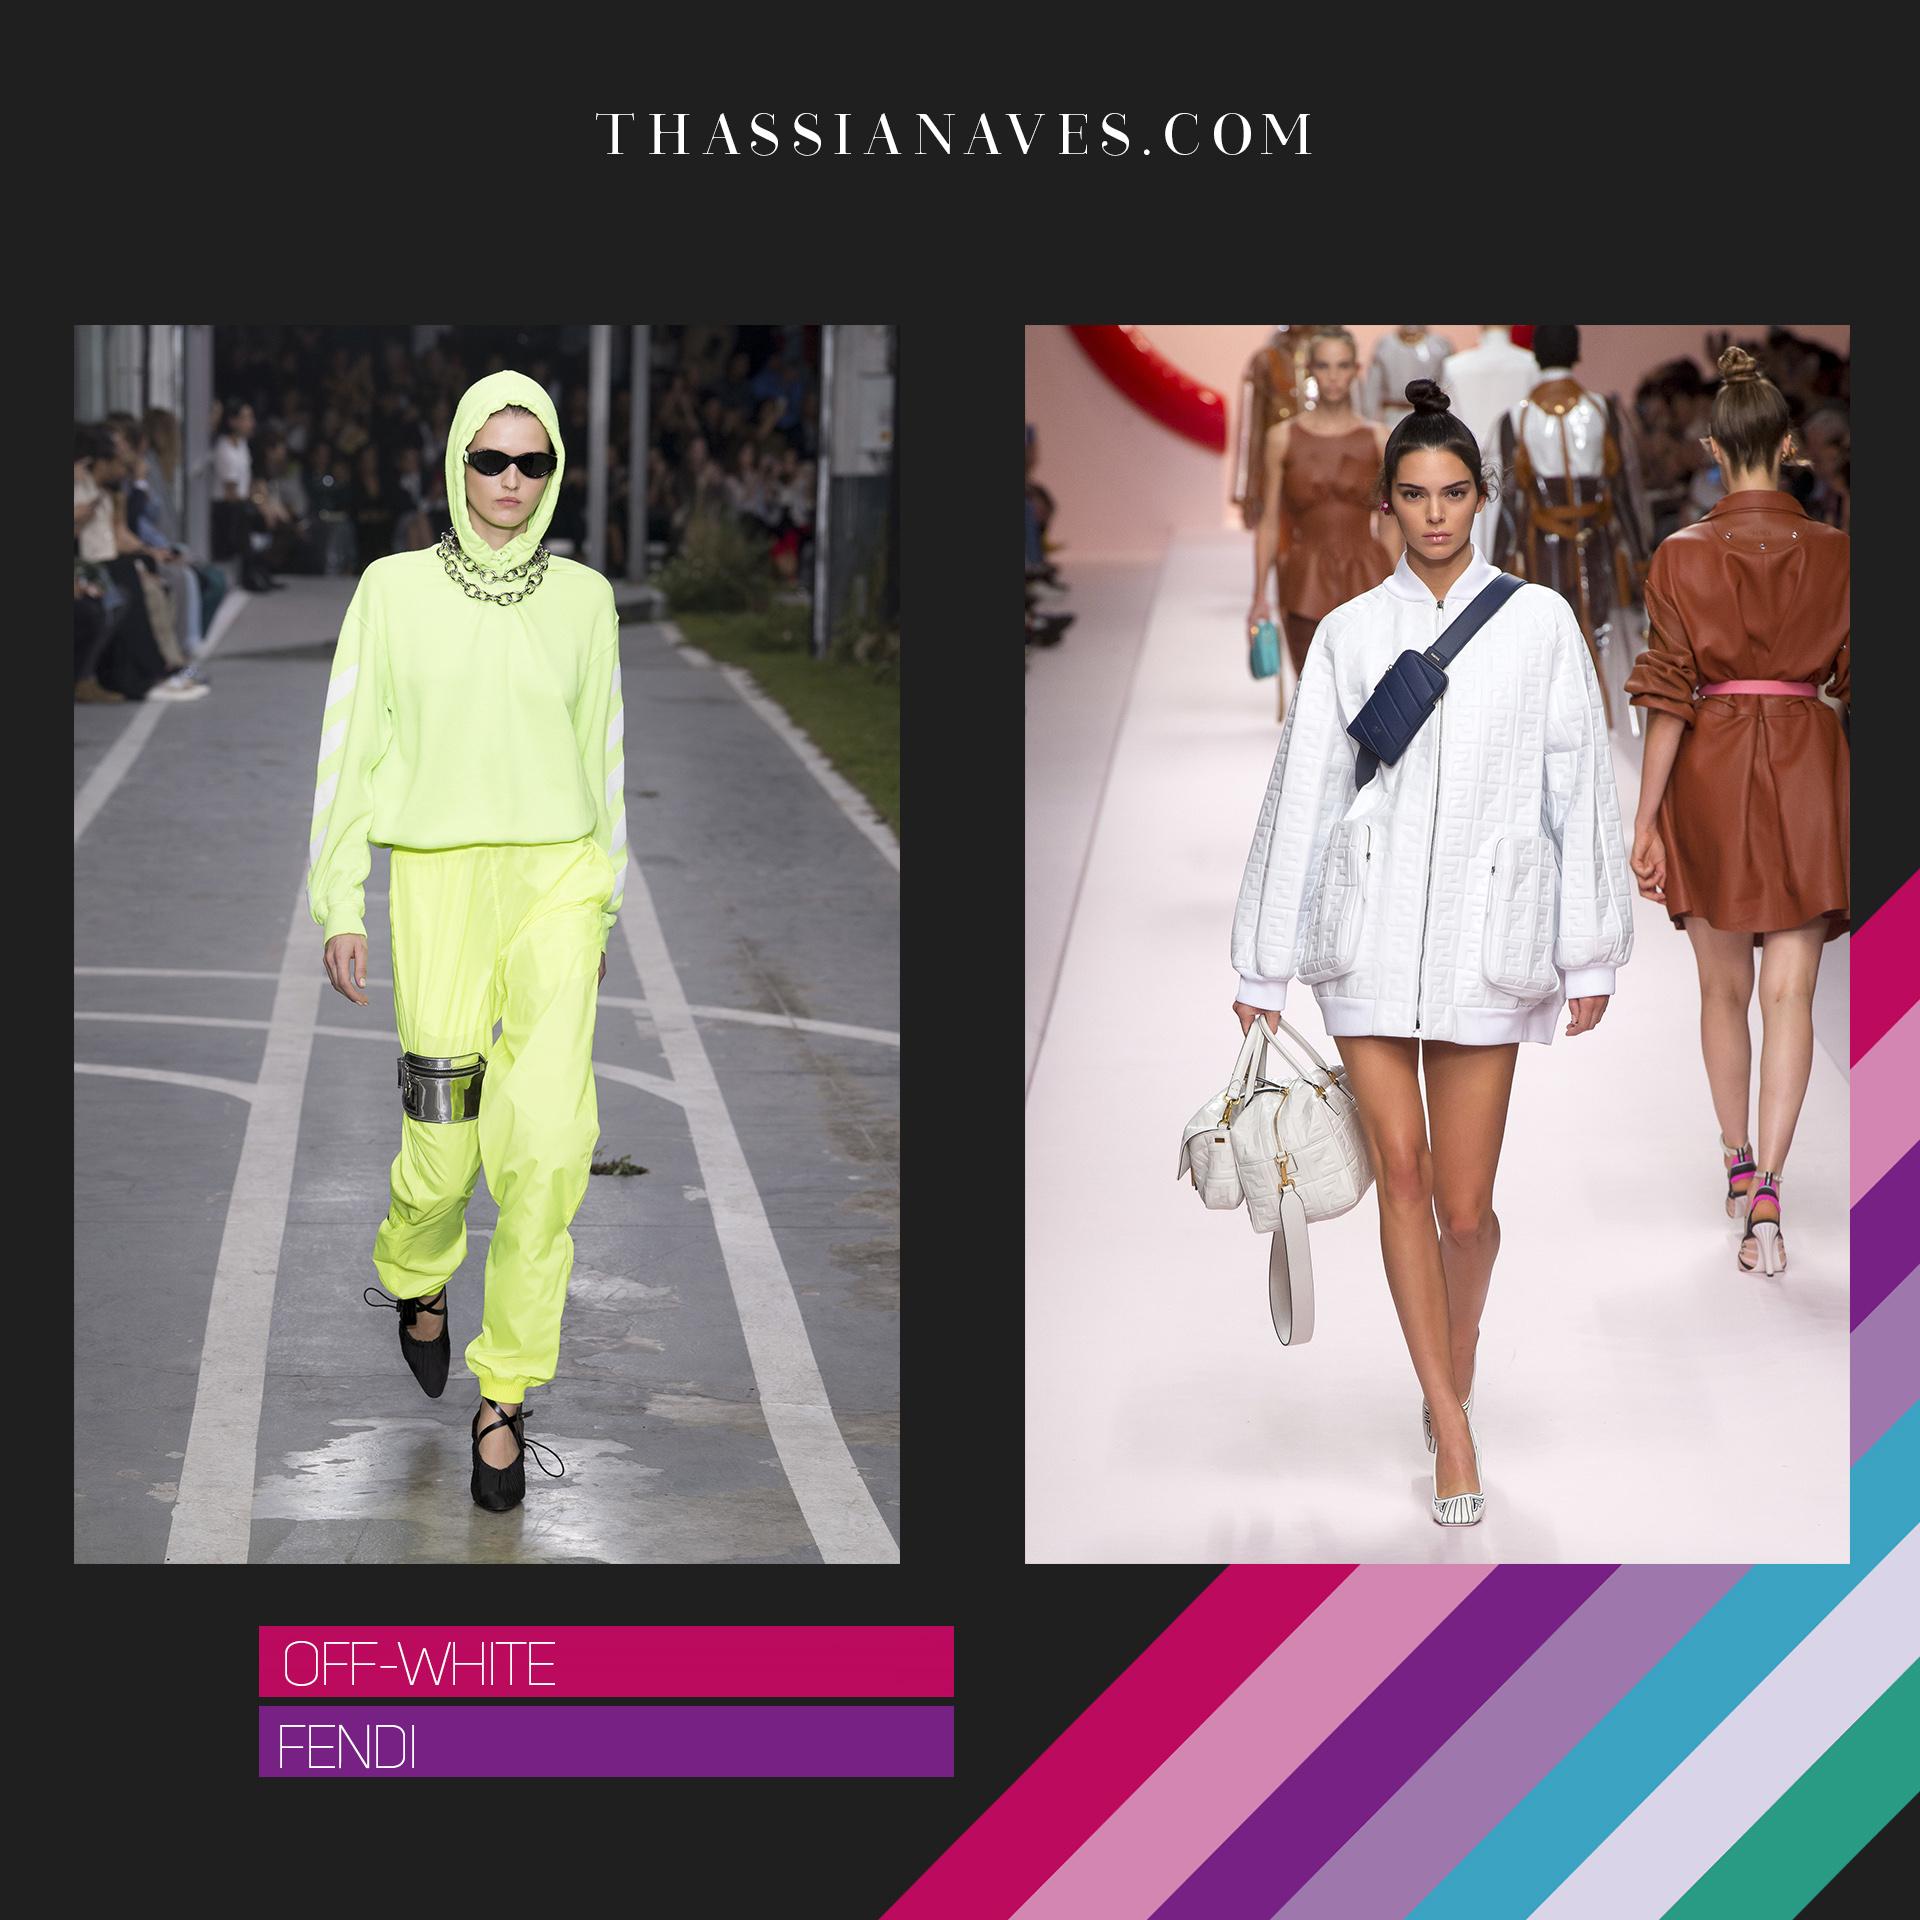 tendência streetwear 2